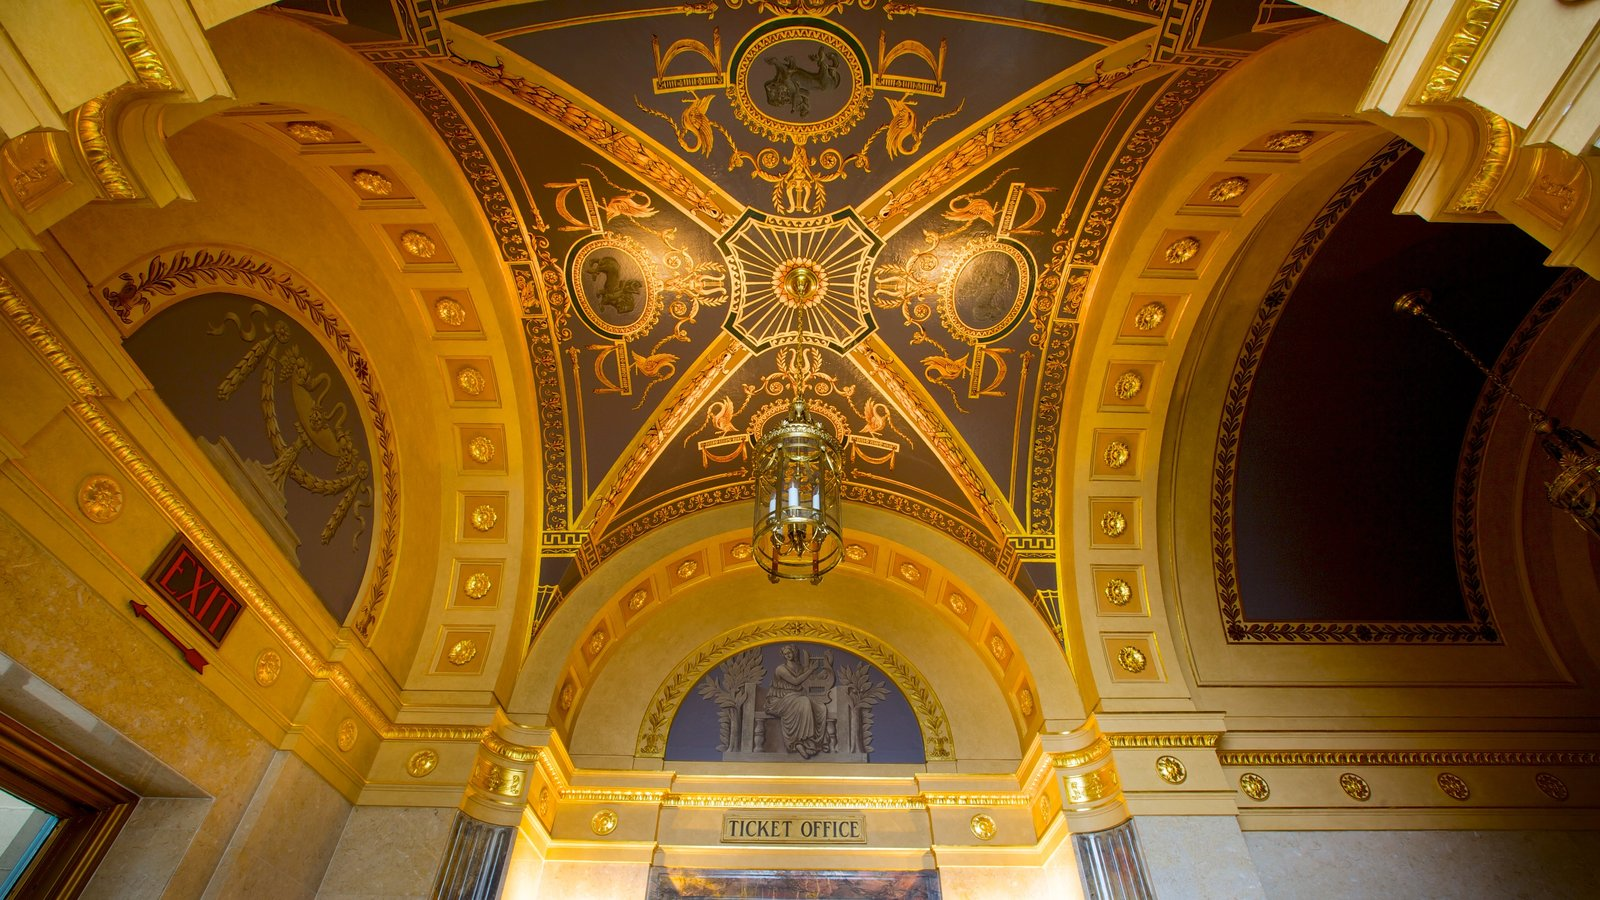 Hershey Theater que inclui vistas internas, arquitetura de patrimônio e cenas de teatro